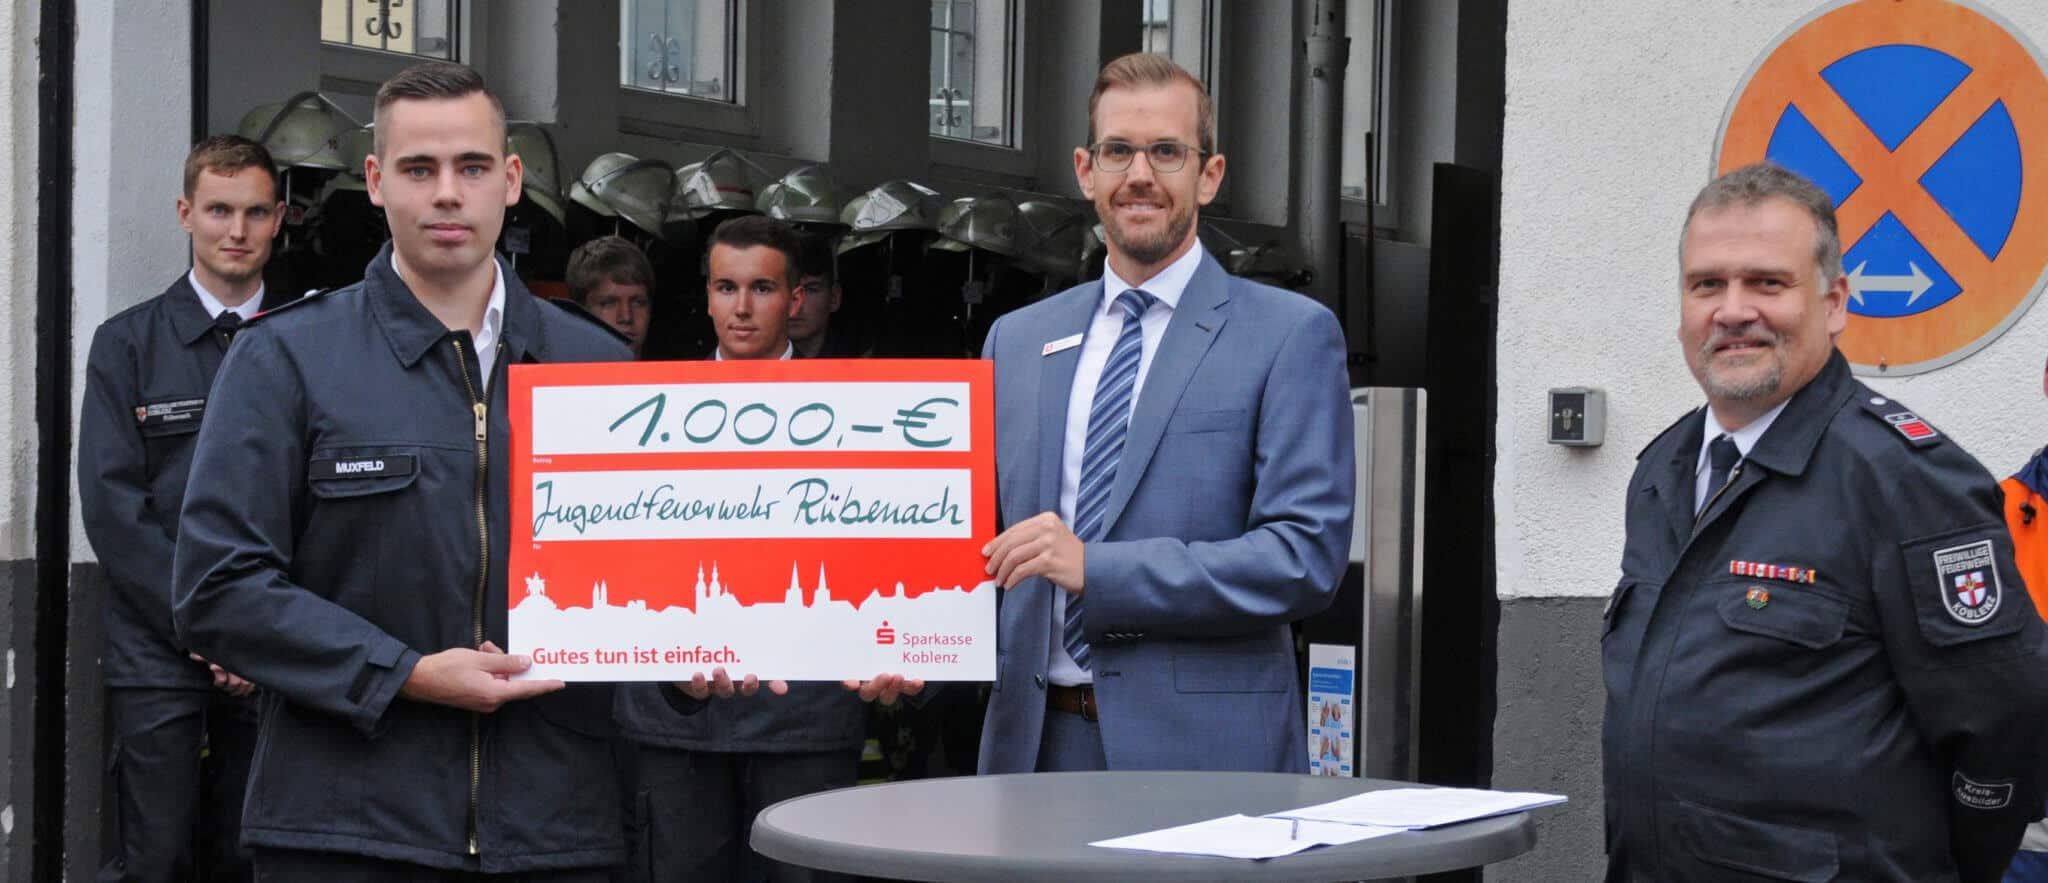 Spendenscheck Jugendfeuerwehr Ruebenach